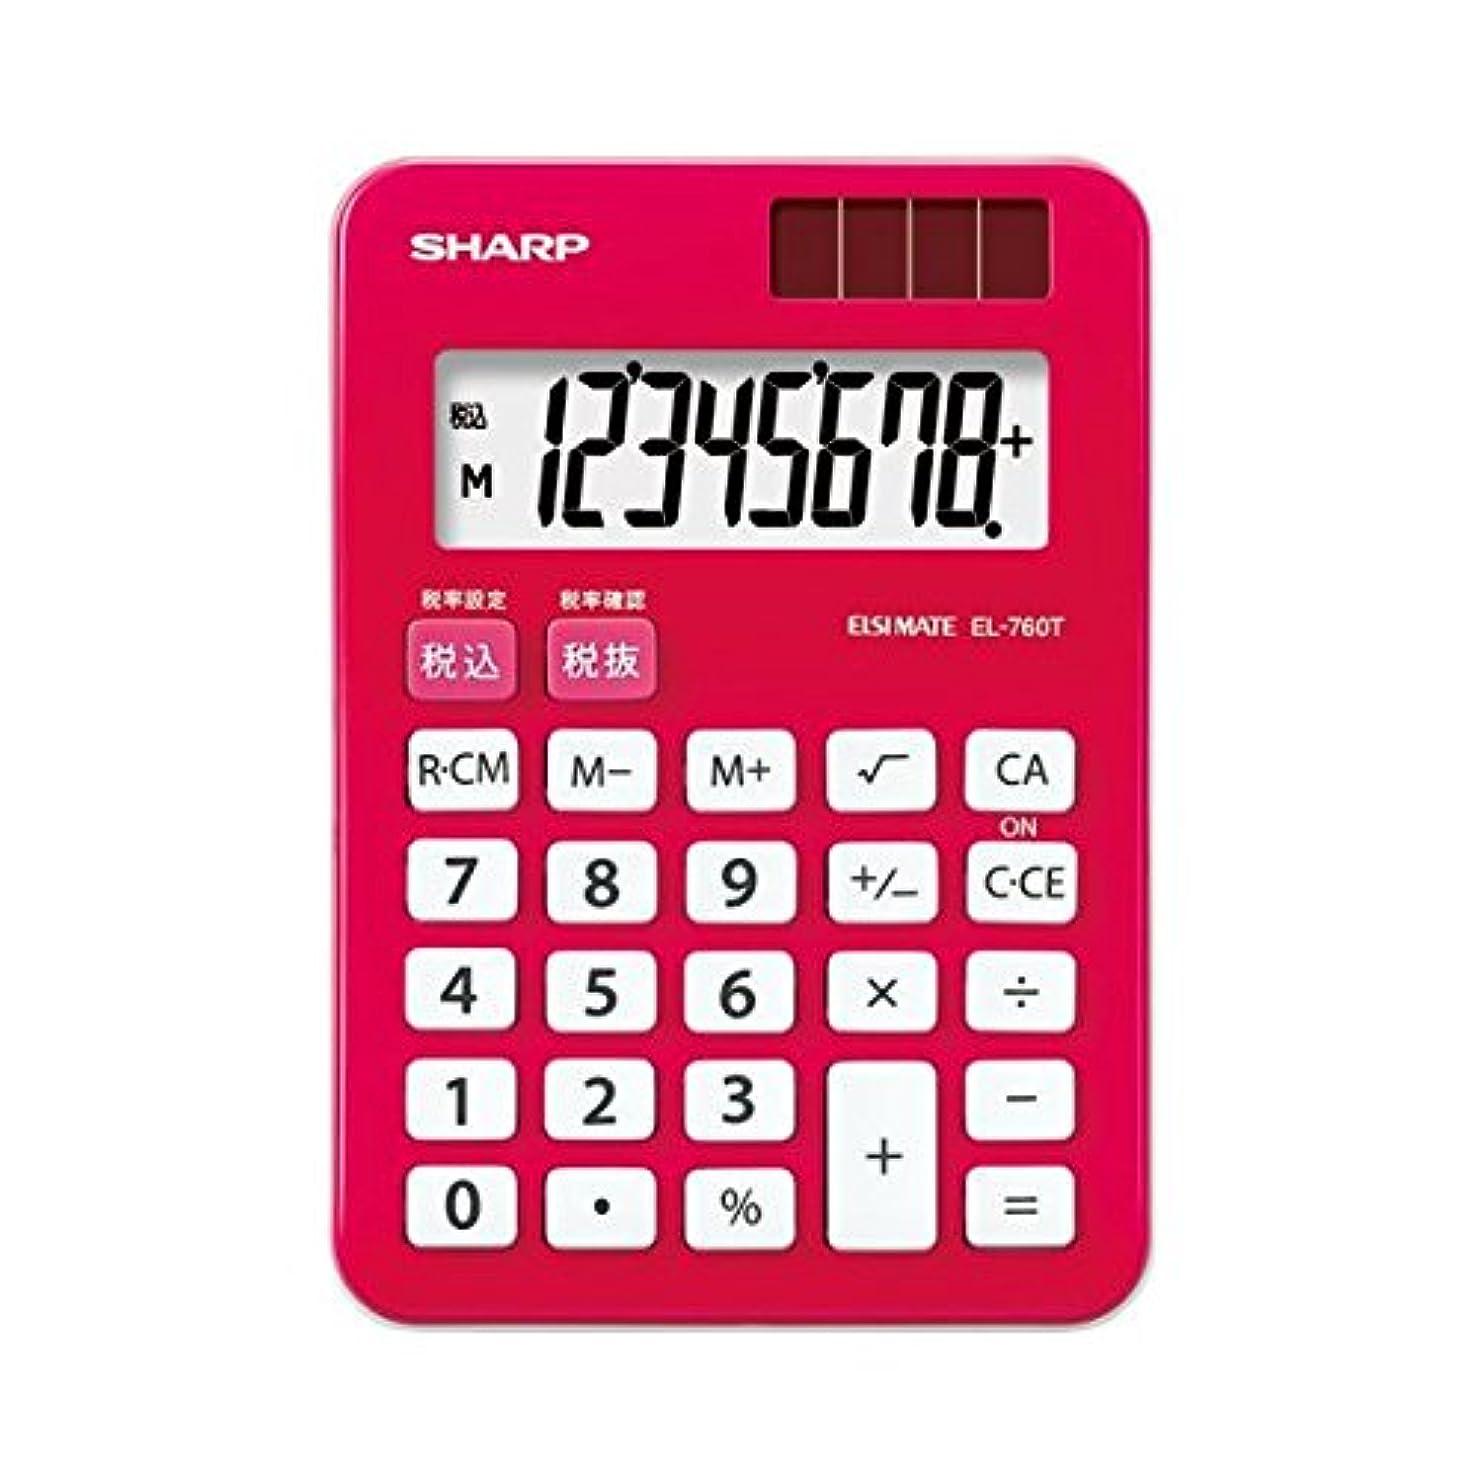 永遠のもっと顕現(まとめ) シャープ SHARP カラー電卓 8桁 ミニミニナイスサイズ パプリカレッド EL-760T-RX 1台 〔×5セット〕